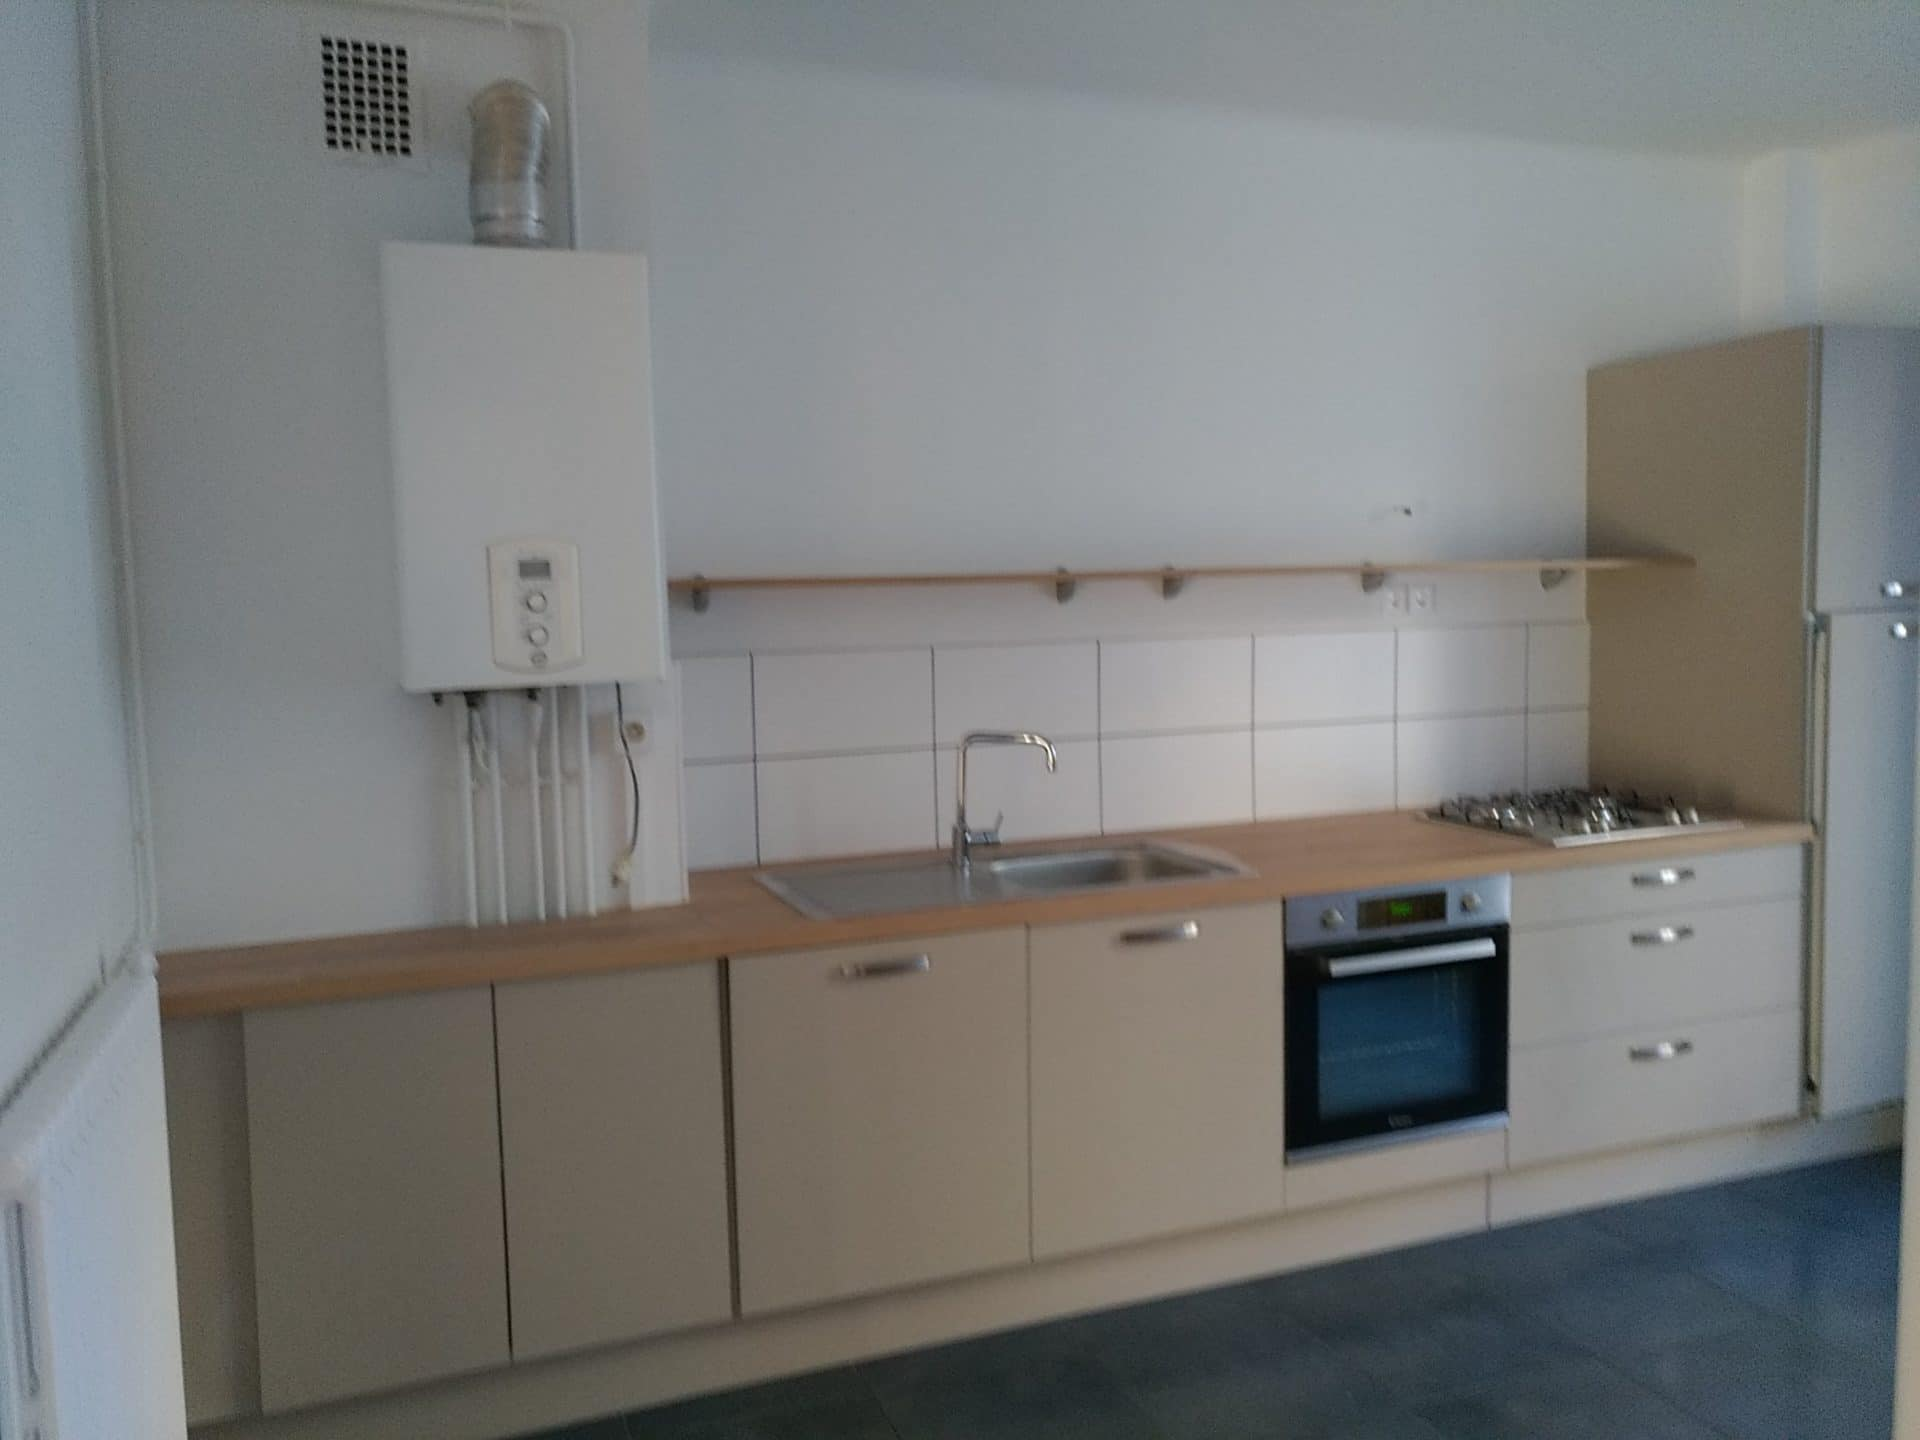 Rénovation d'un appartement destiné à la vente à Lorient (56)